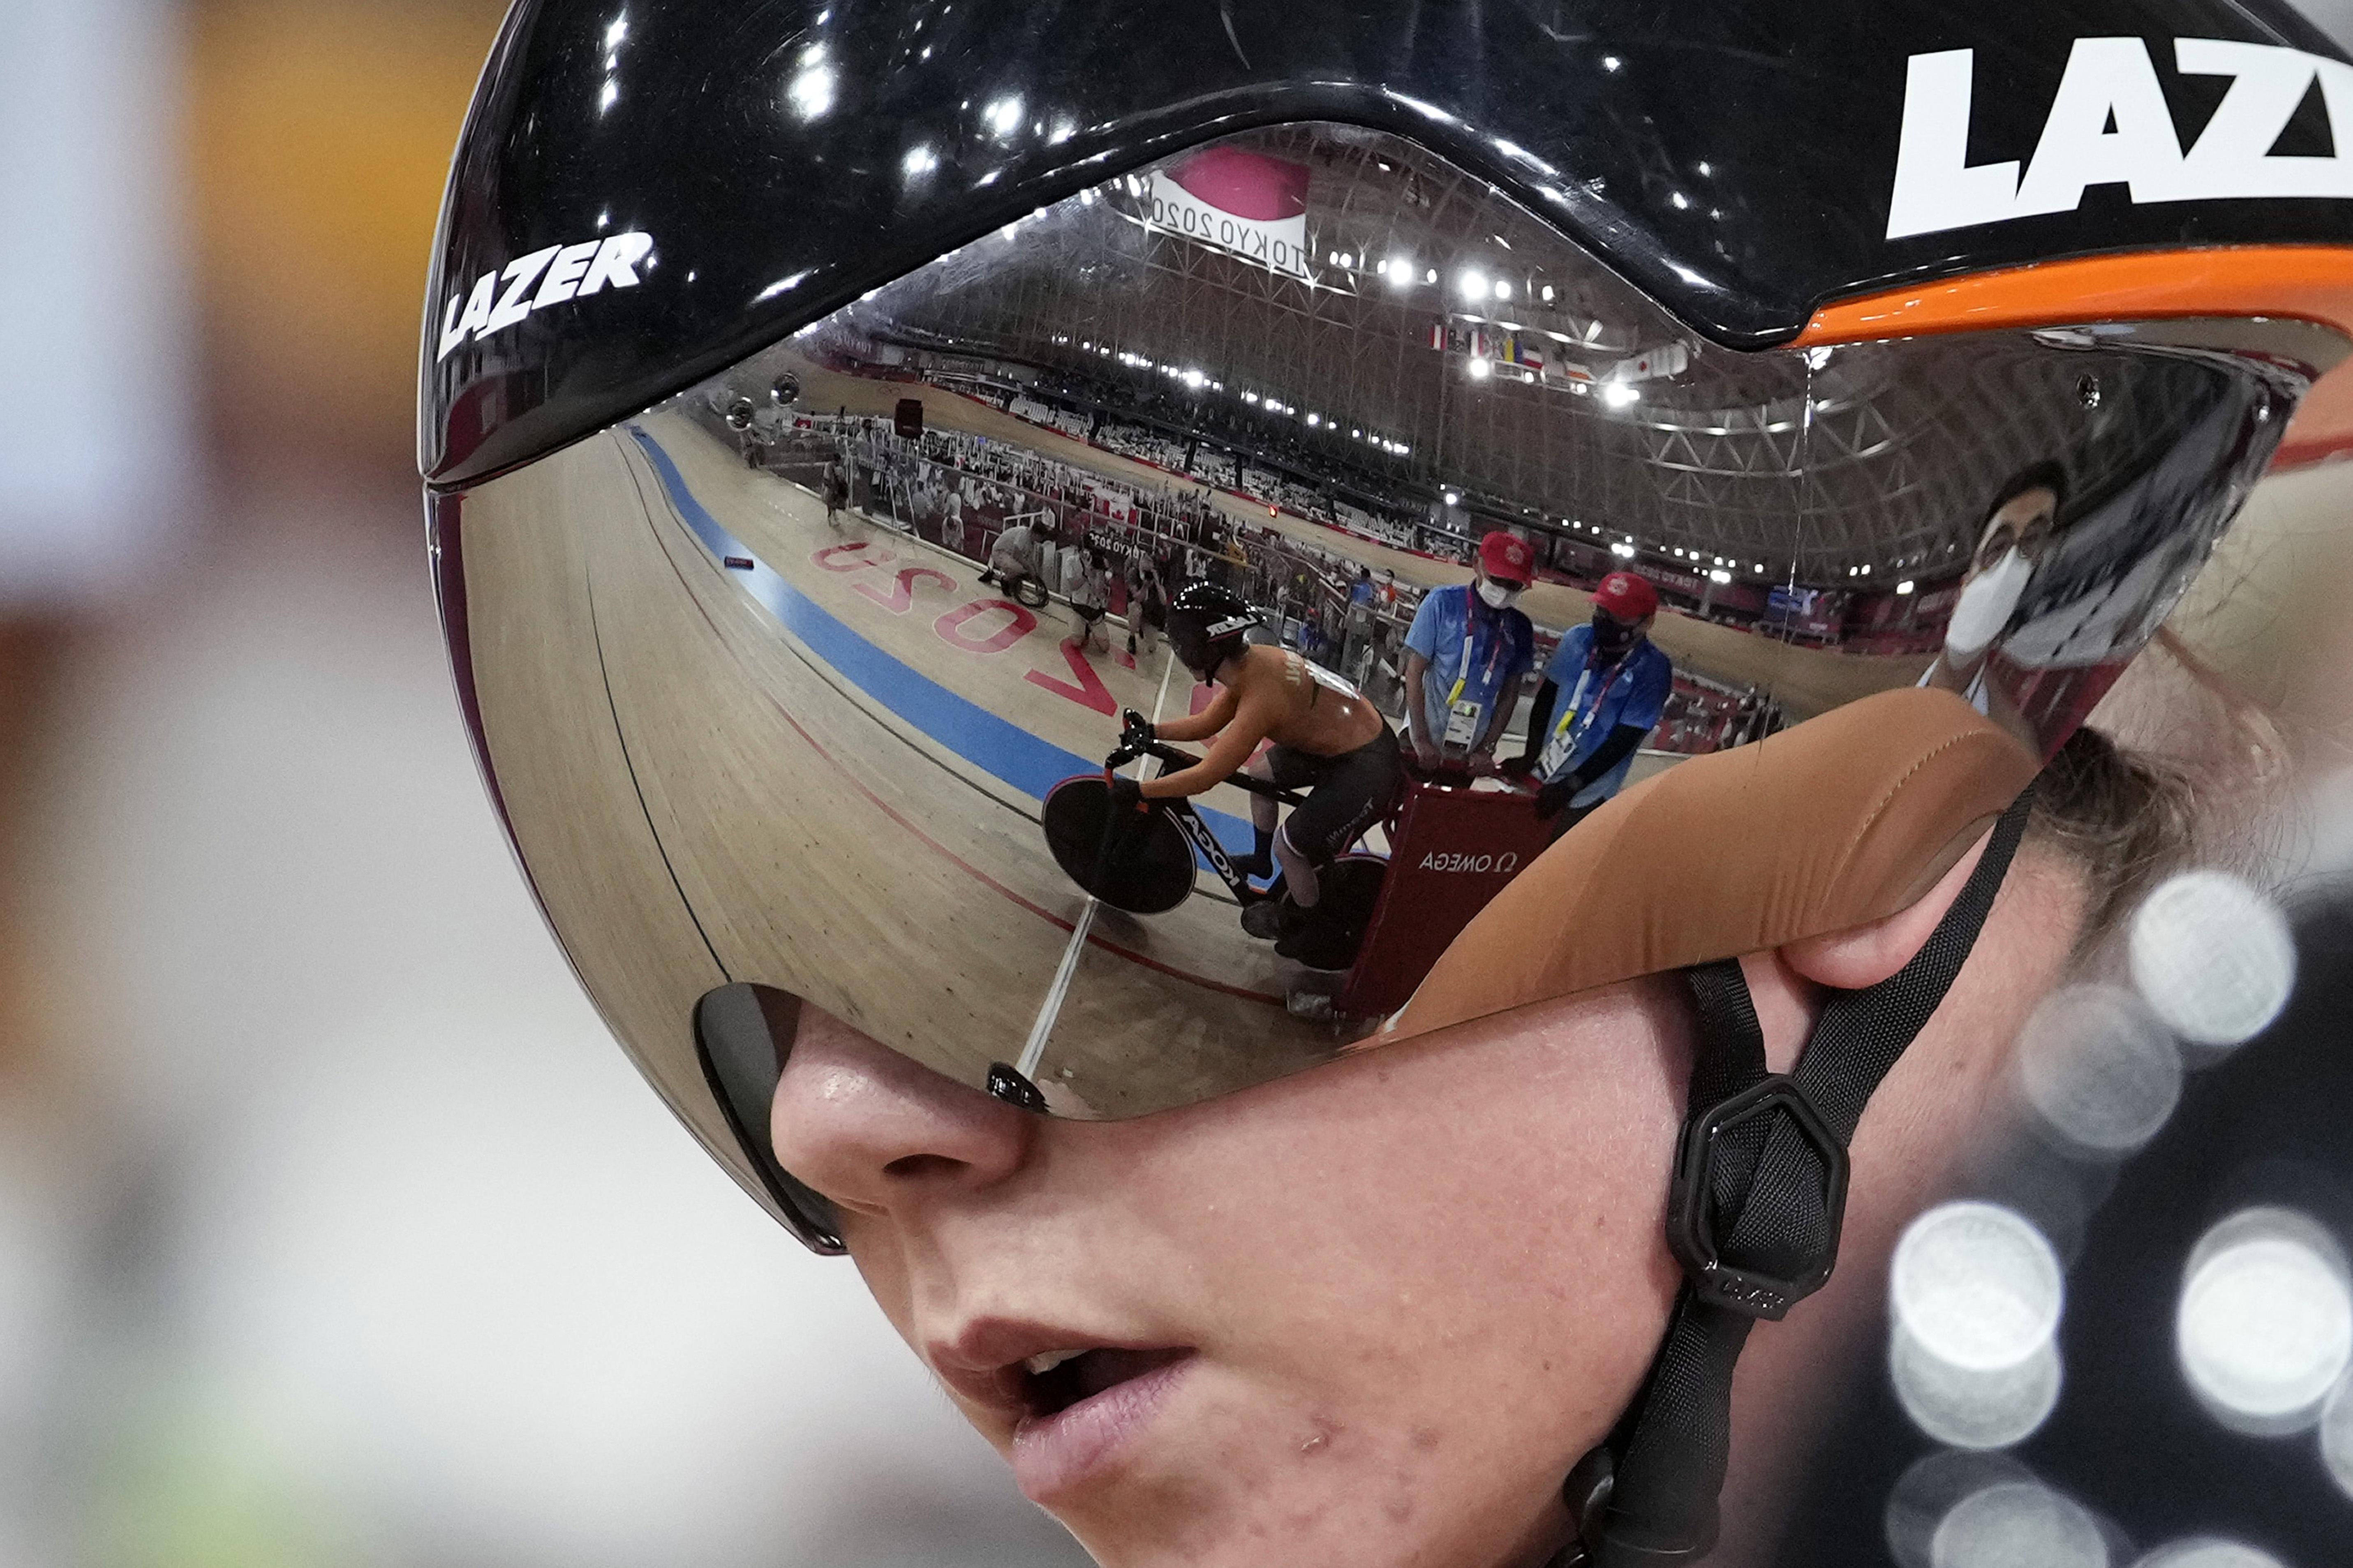 Teamsprintsters Laurine van Riessen en Shanne Braspennincx in Nederlands record naar derde tijd kwalificatie